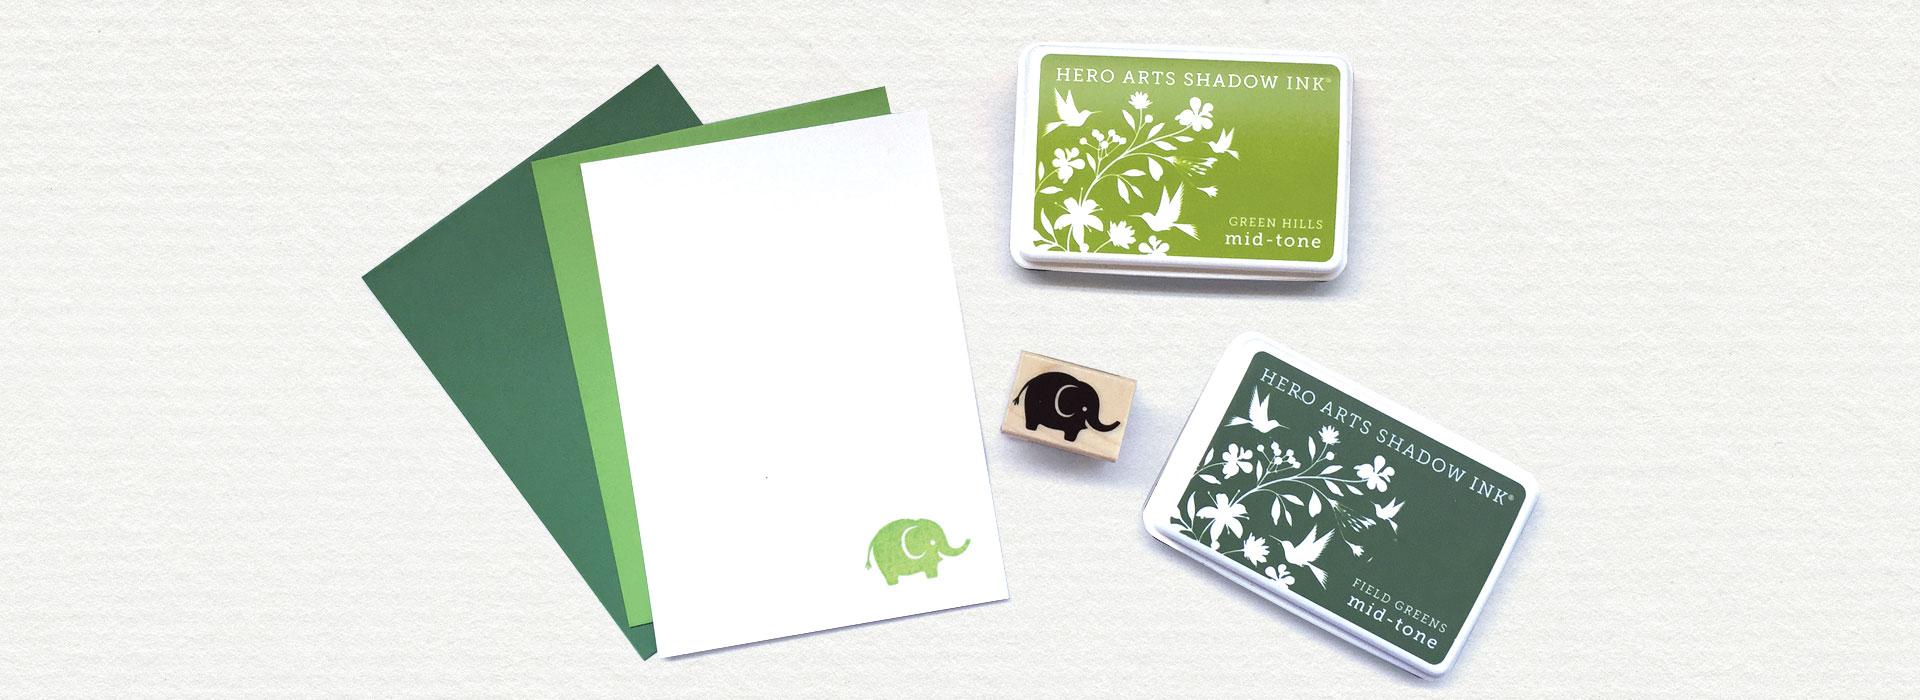 Hero Arts Stamps Ink Pads Die Cutting